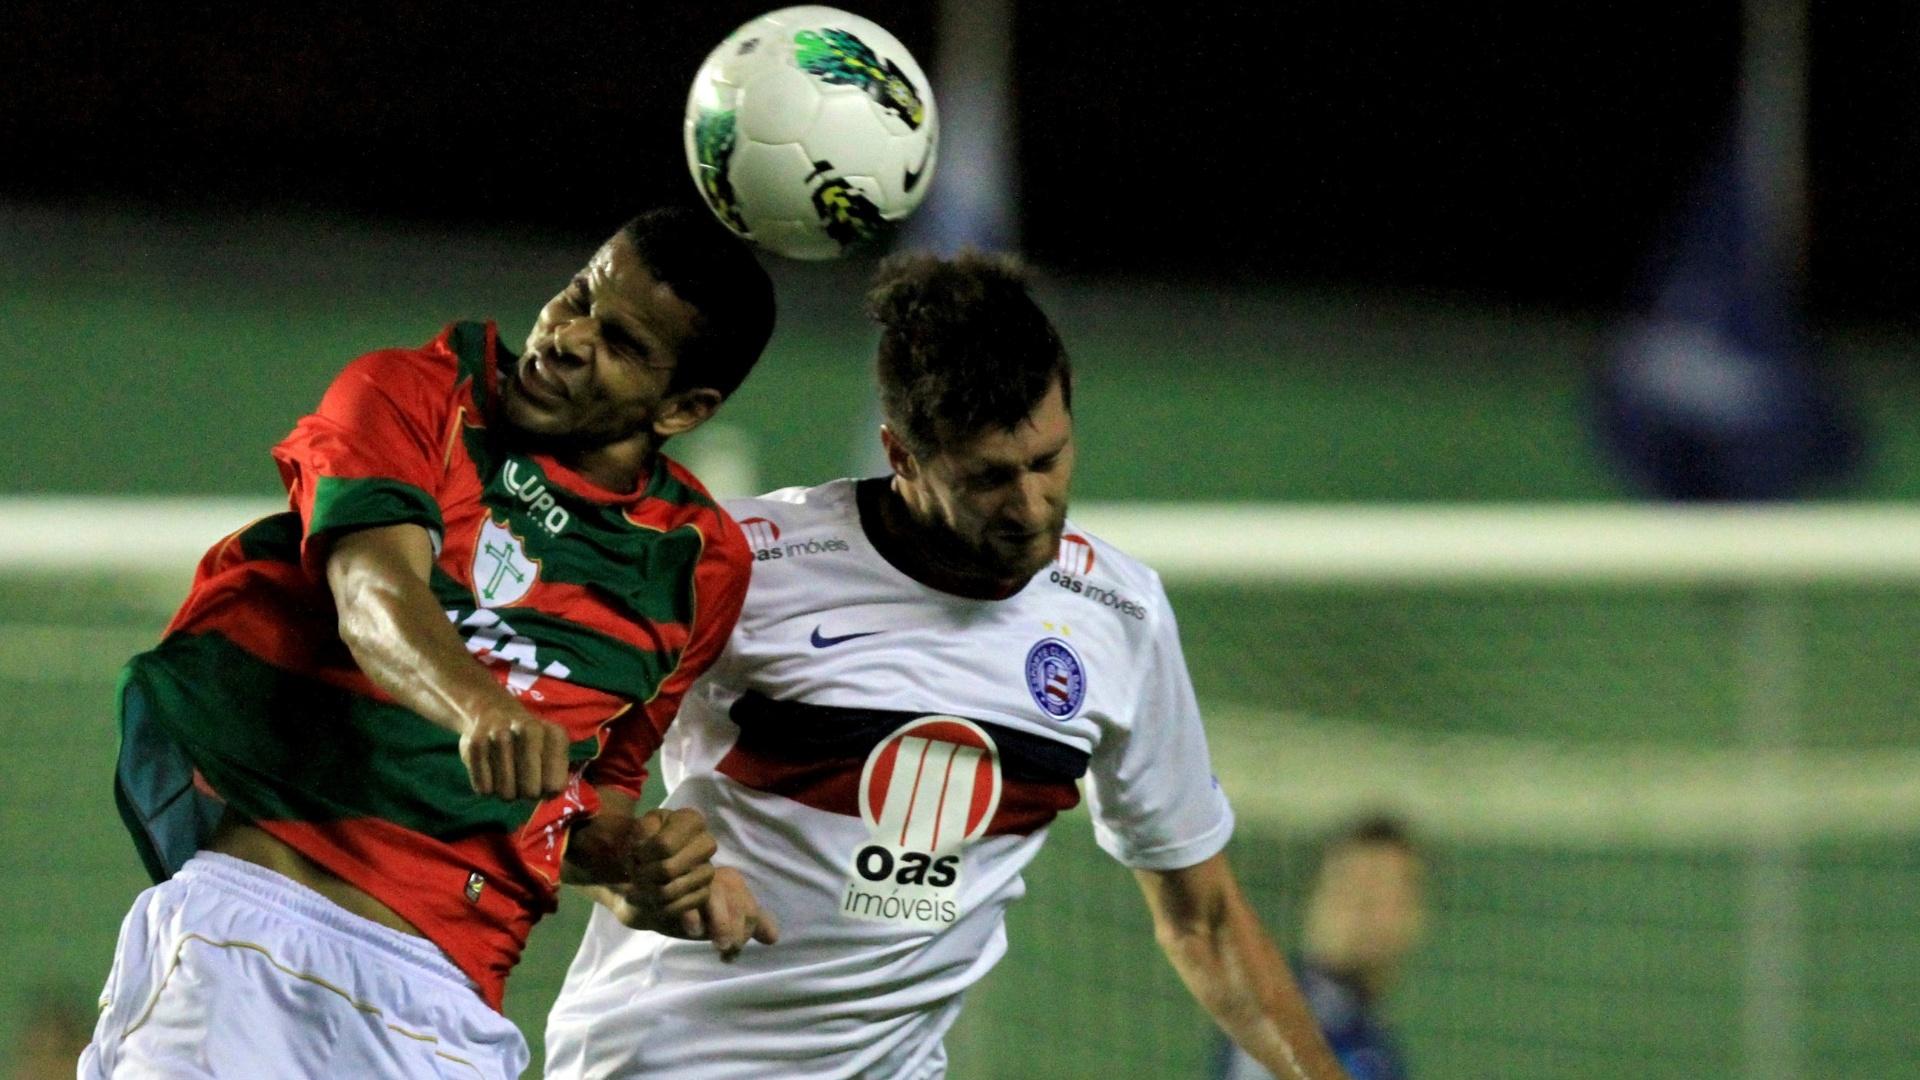 Danny Moraes, do Bahia, disputa lance em partida contra a Portuguesa, válida pelo Campeonato Brasileiro 2012, no estádio Pituaçu